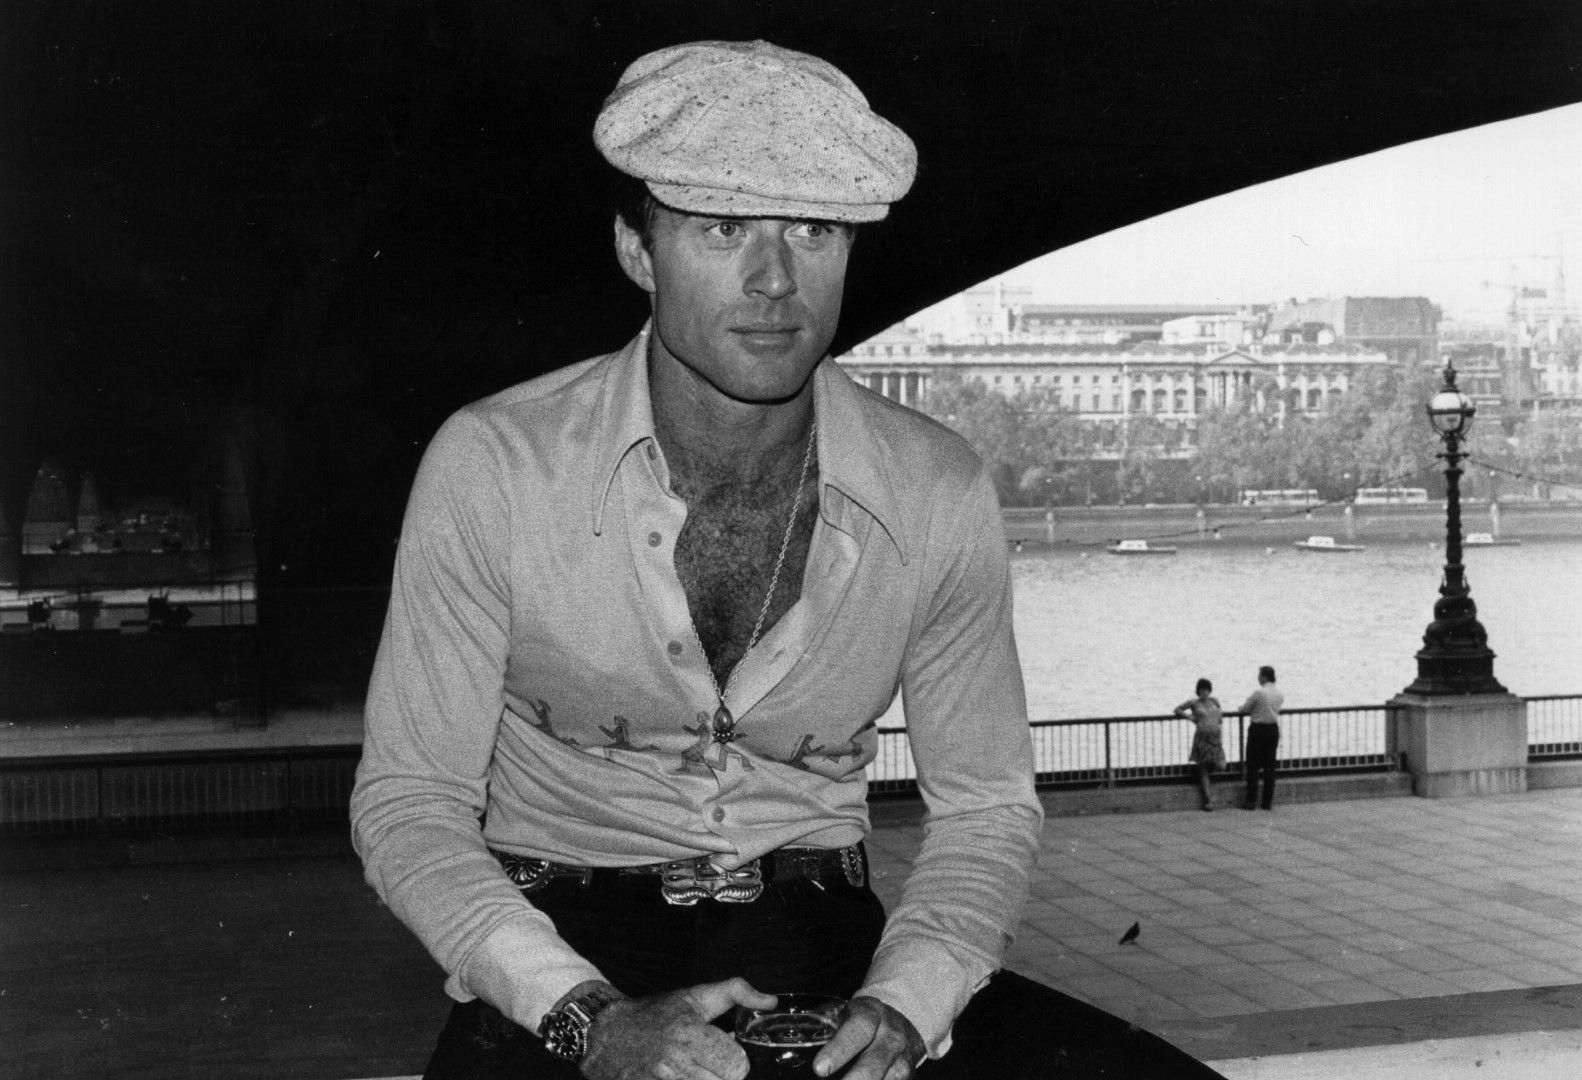 Легендарният секс символ Робърт Редфорд на река Темза в Лондон